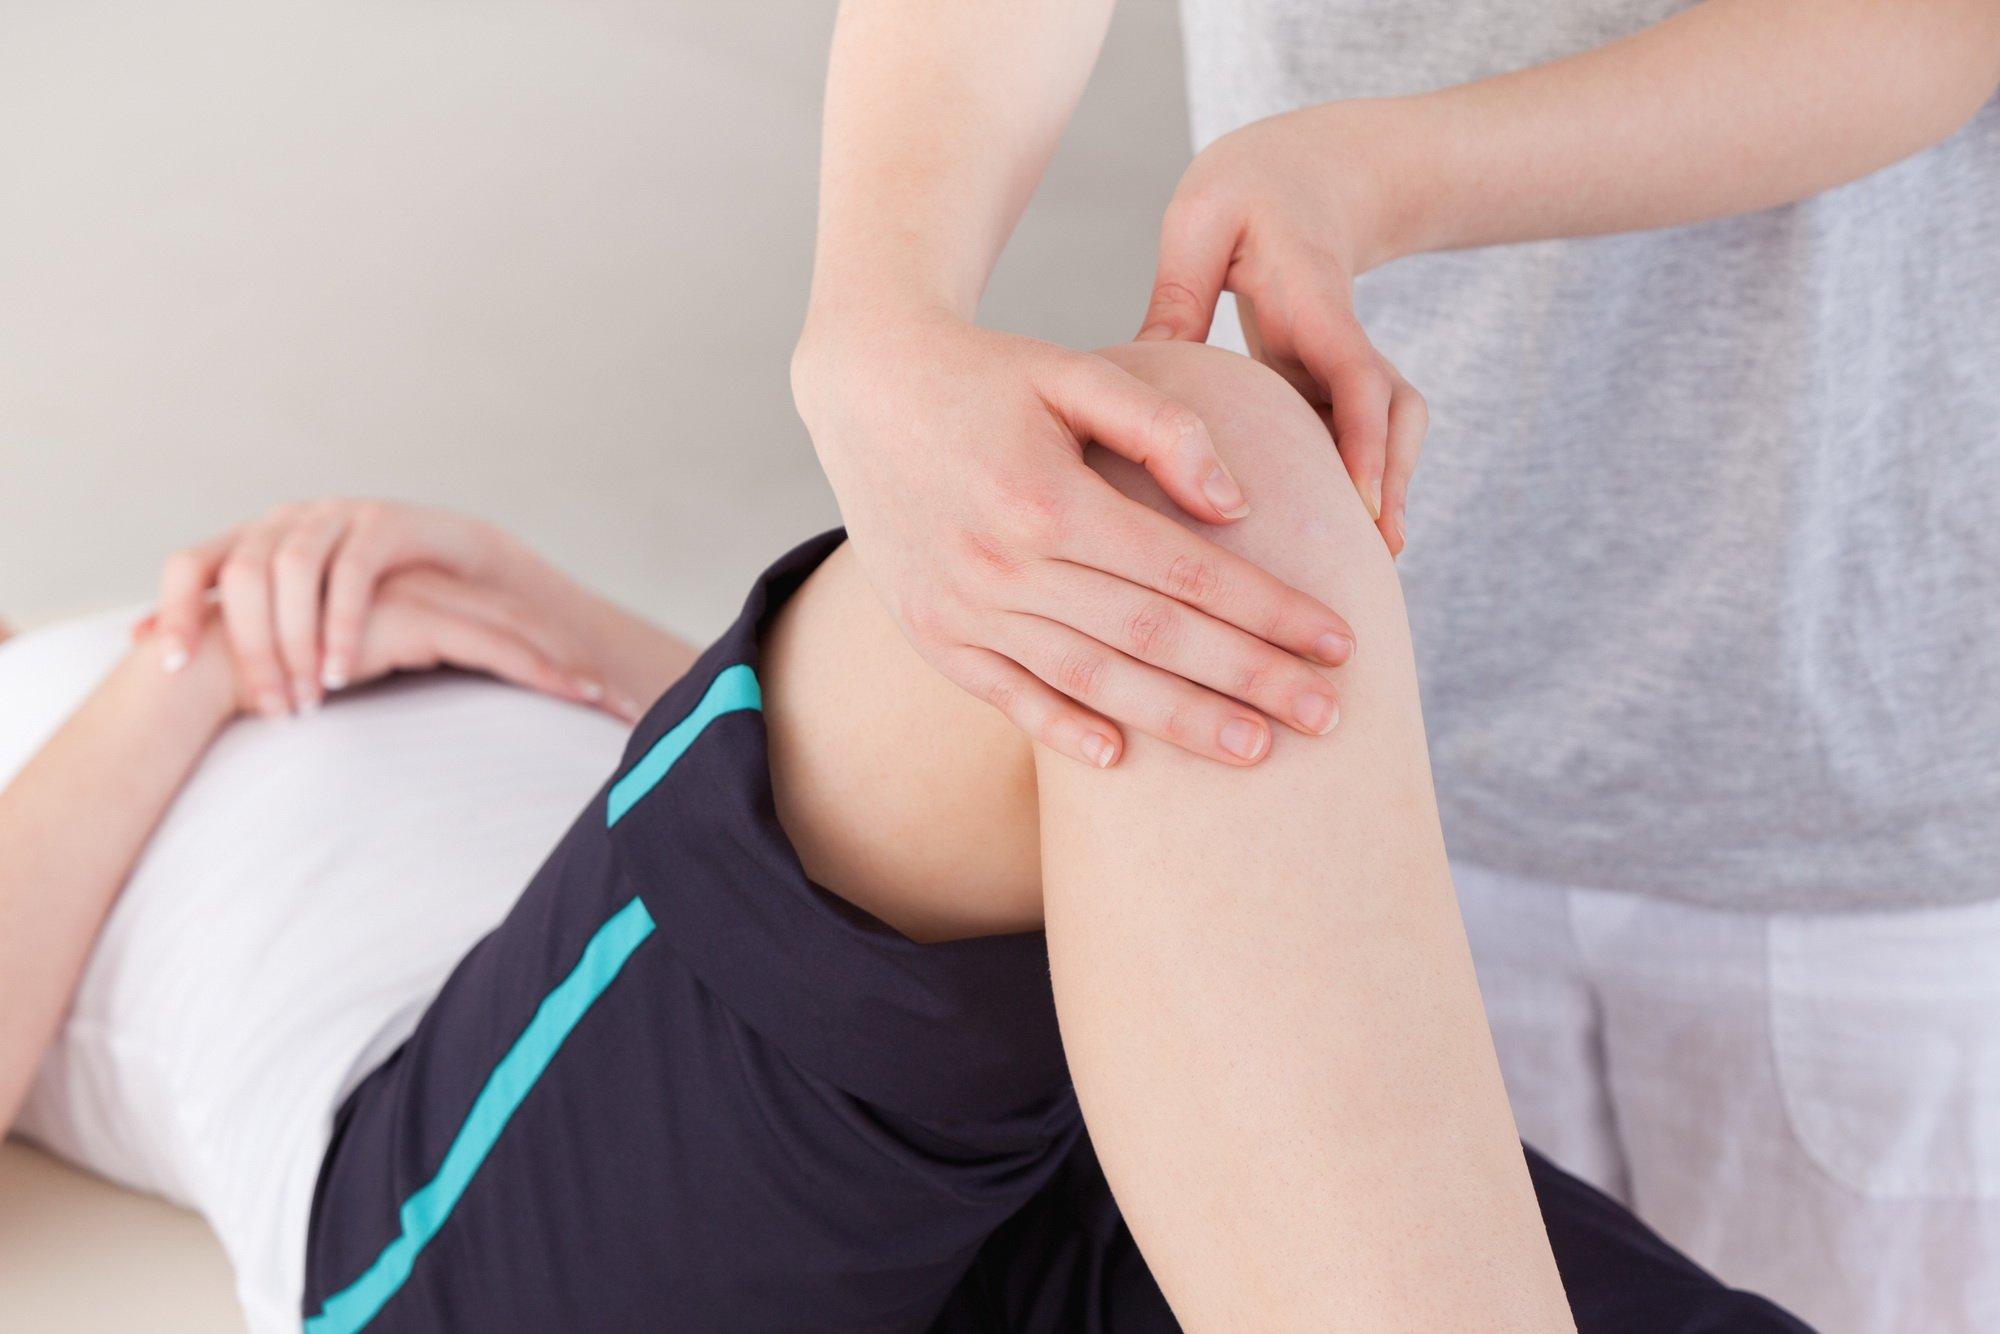 Гонартроз коленного сустава: причины, стадии, симптомы